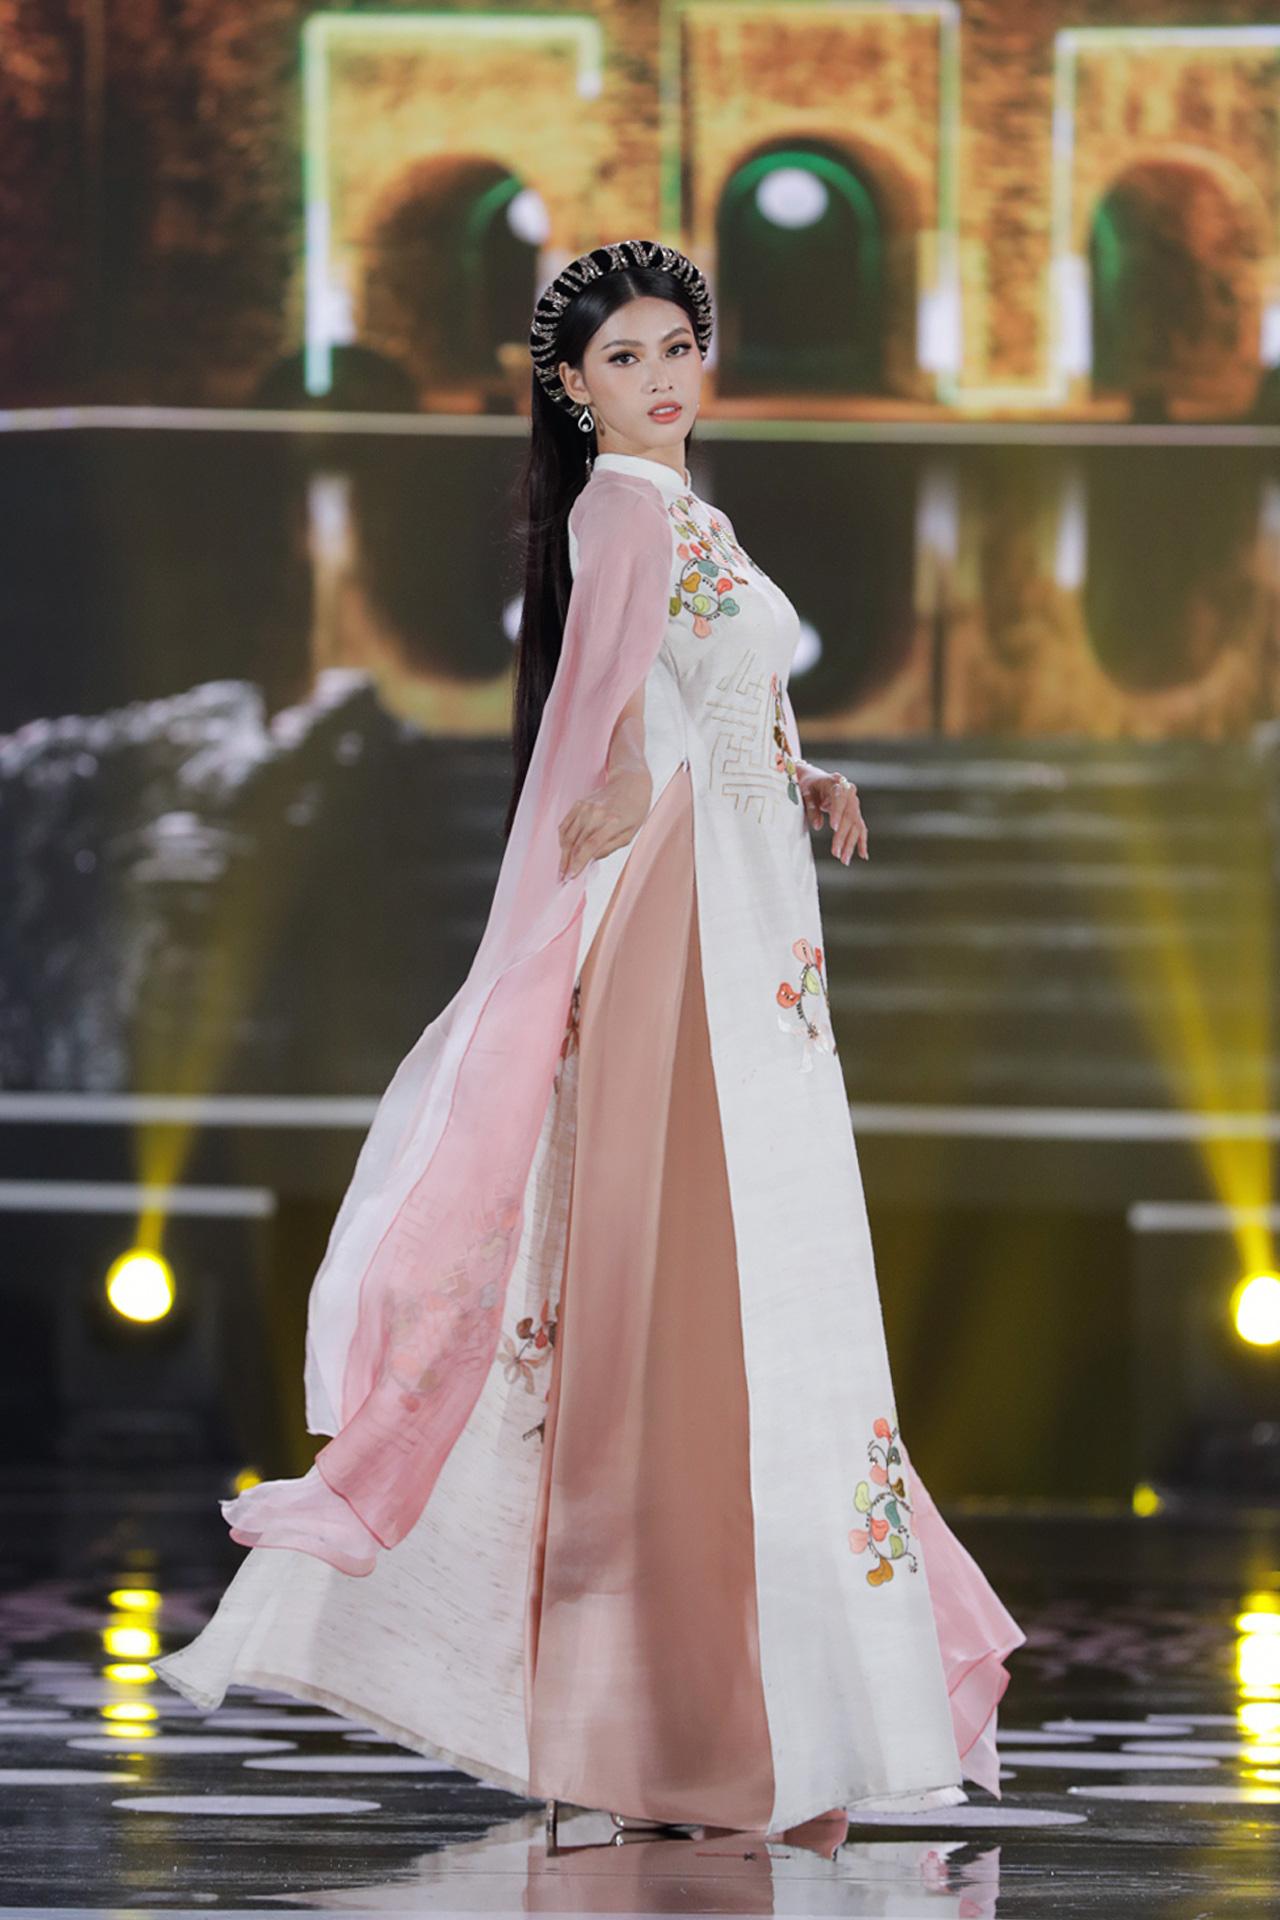 5 Hoa hậu mặc áo dài đọ sắc Chung kết Hoa hậu Việt Nam: Đặng Thu Thảo đẹp tựa nữ thần,  - Ảnh 12.